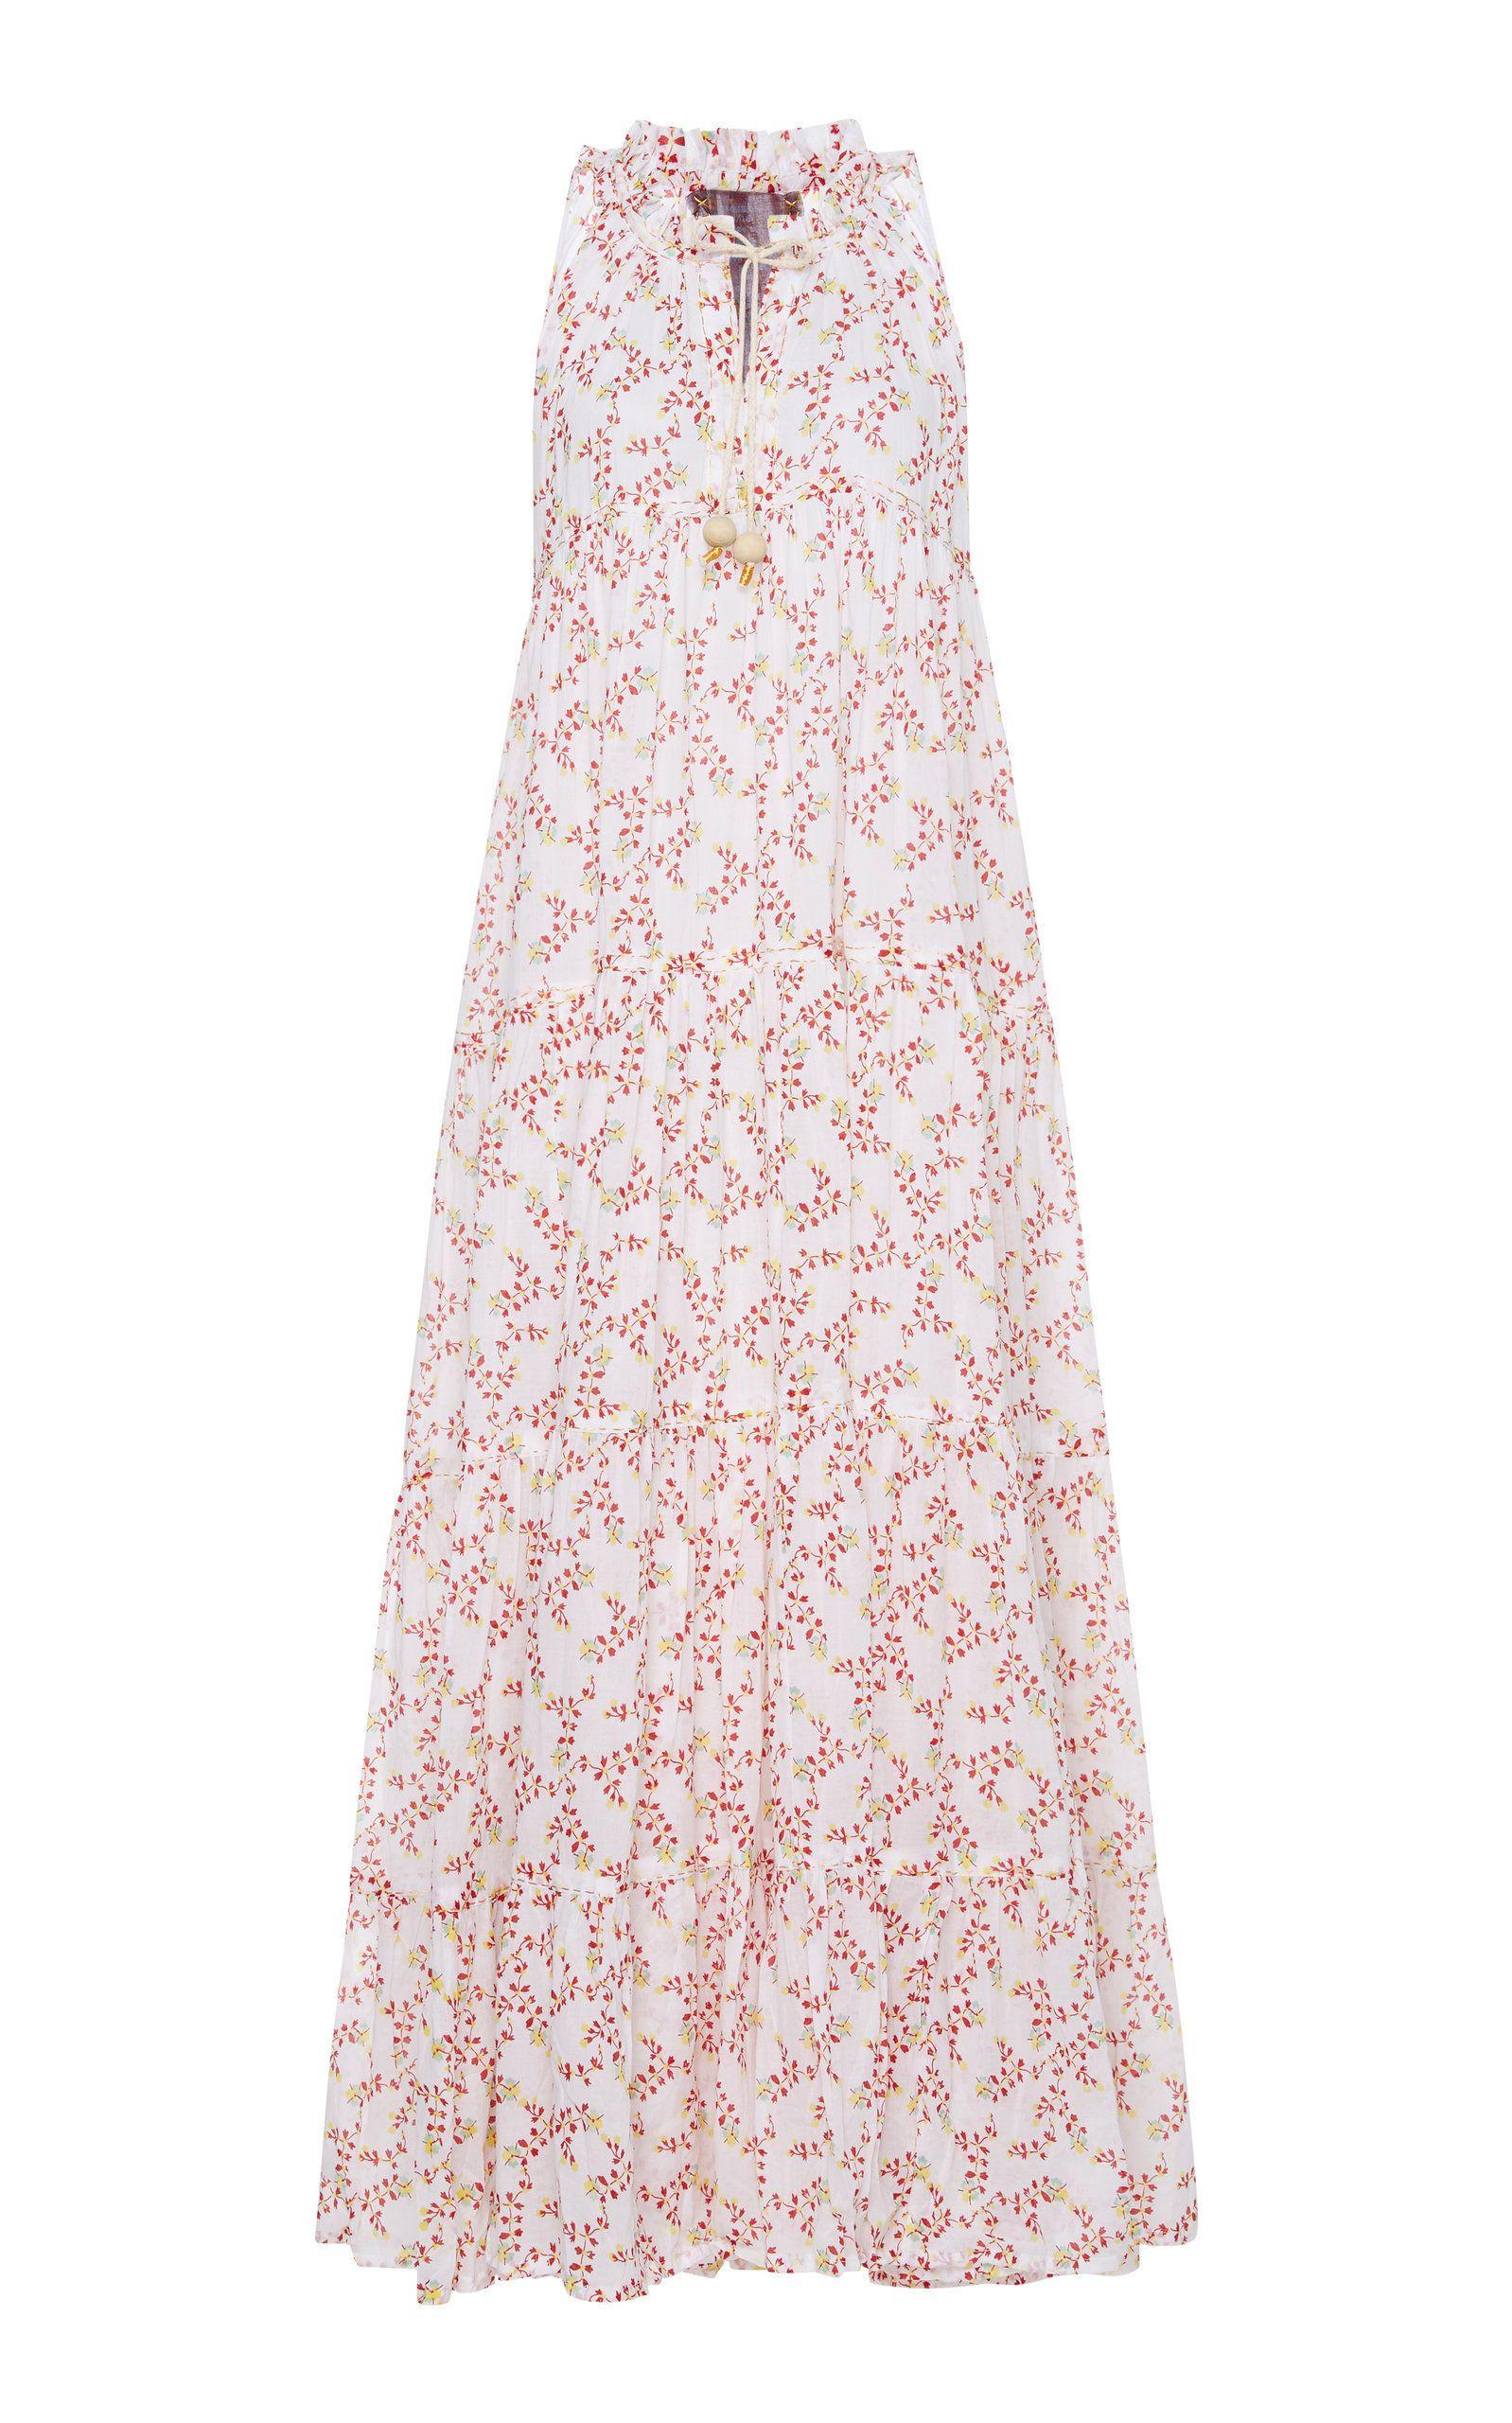 Yvonne s cotton voile floralprint maxi dress dresses pinterest